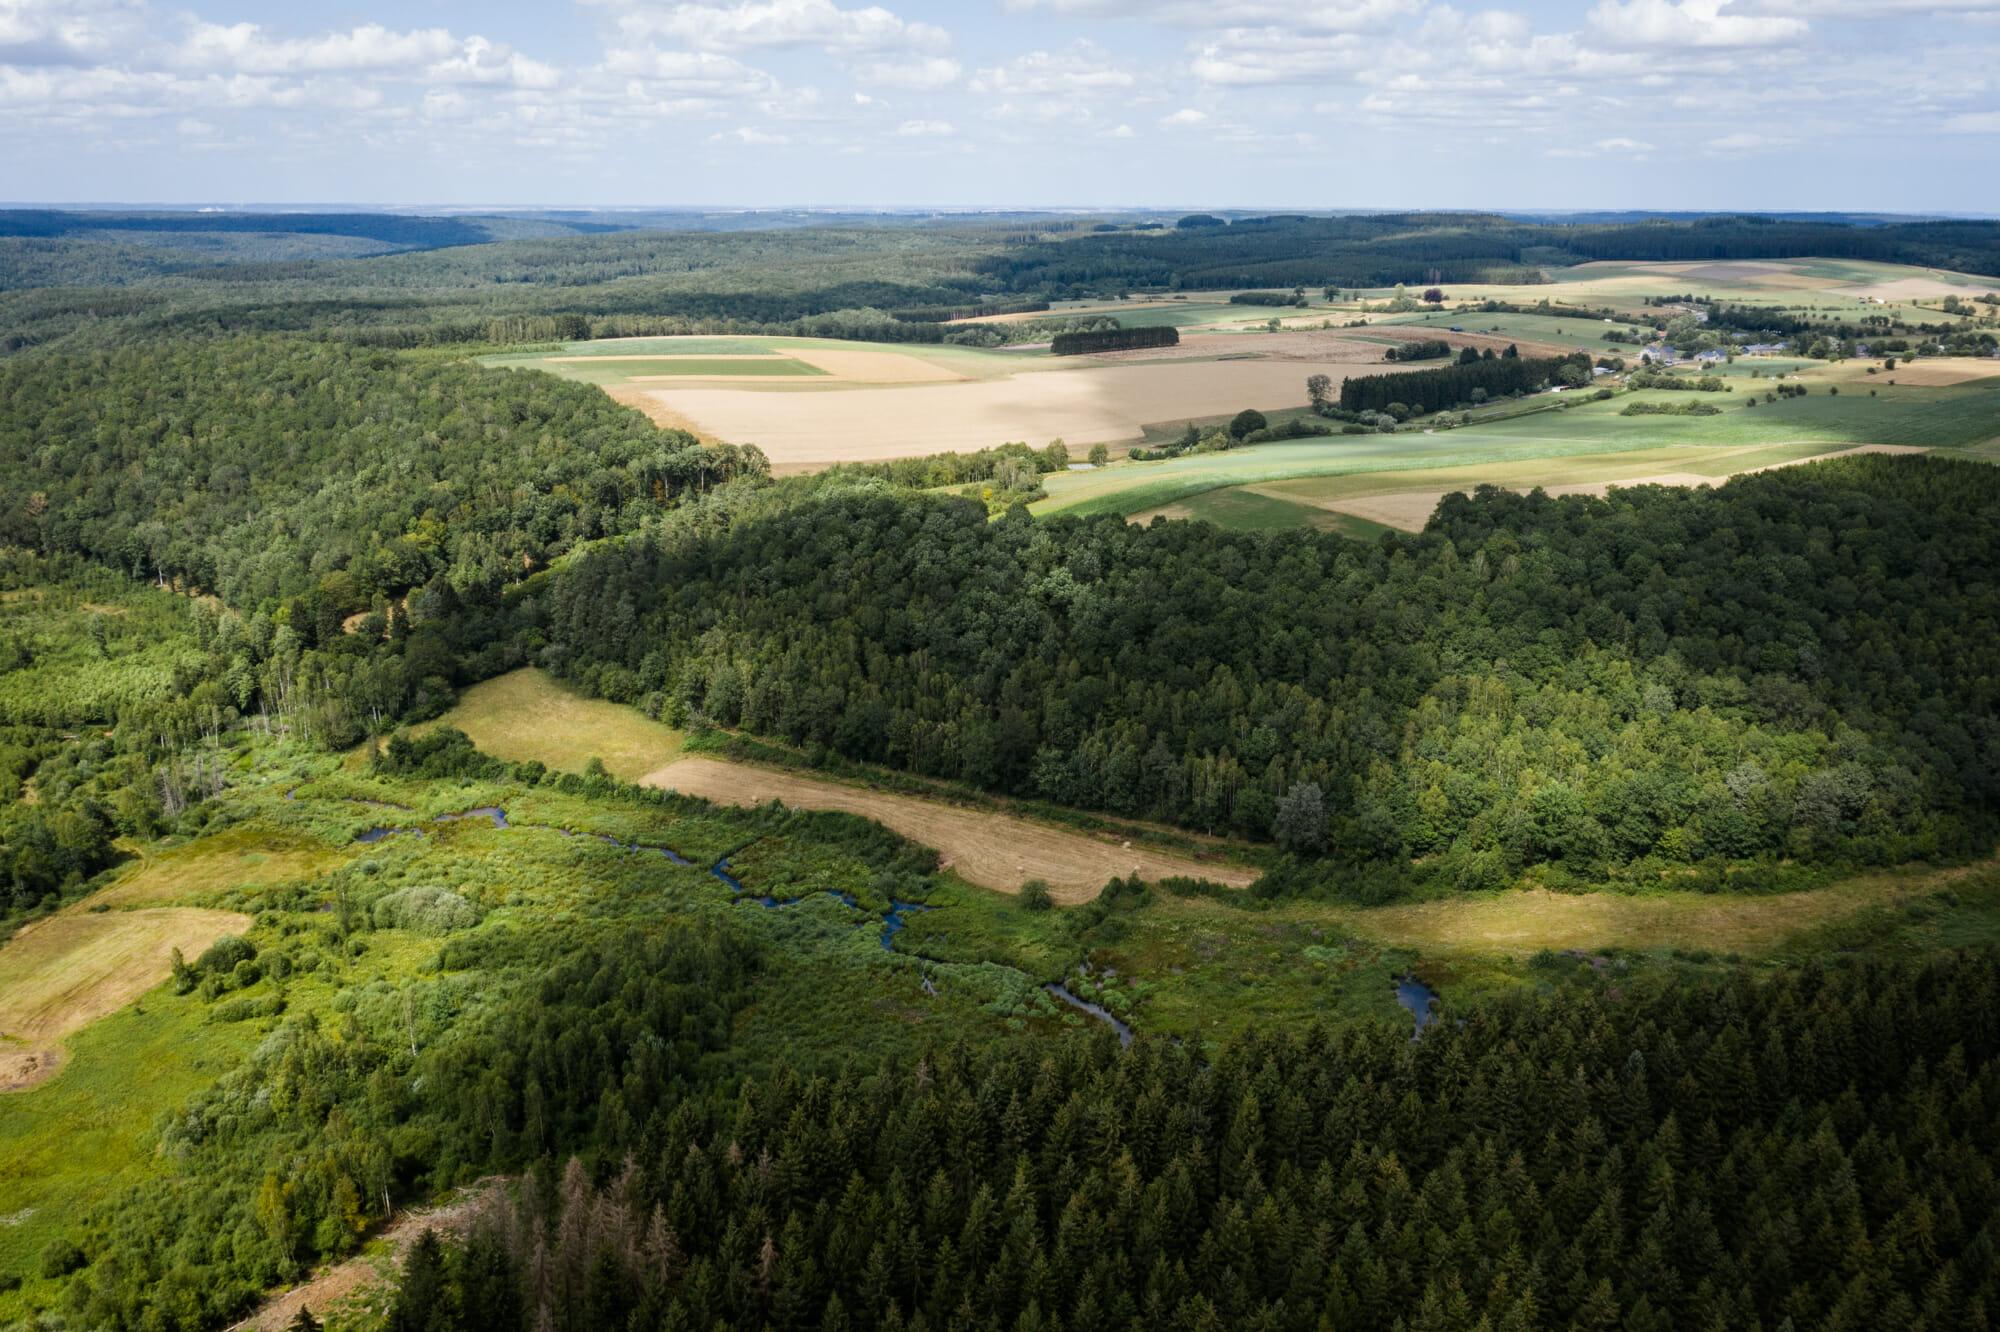 Massif de la Croix Scaille en Ardenne namuroise (en Province de Namur)